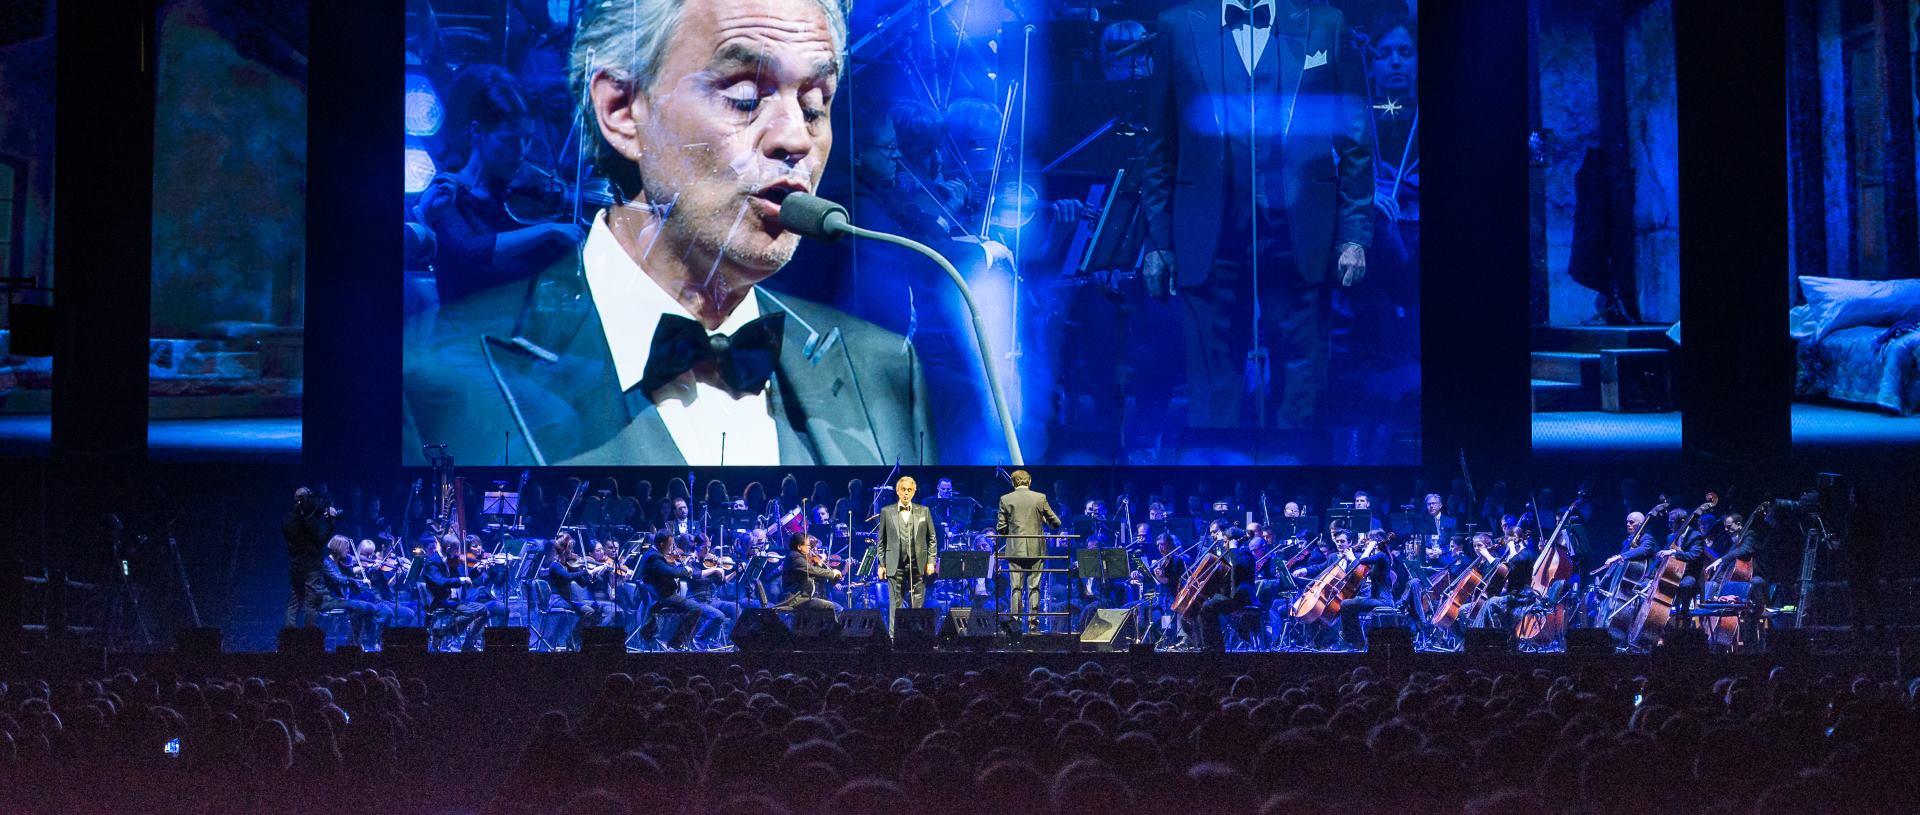 Kraševa Bajadera bila ponosni sponzor koncerta Andree Bocellia